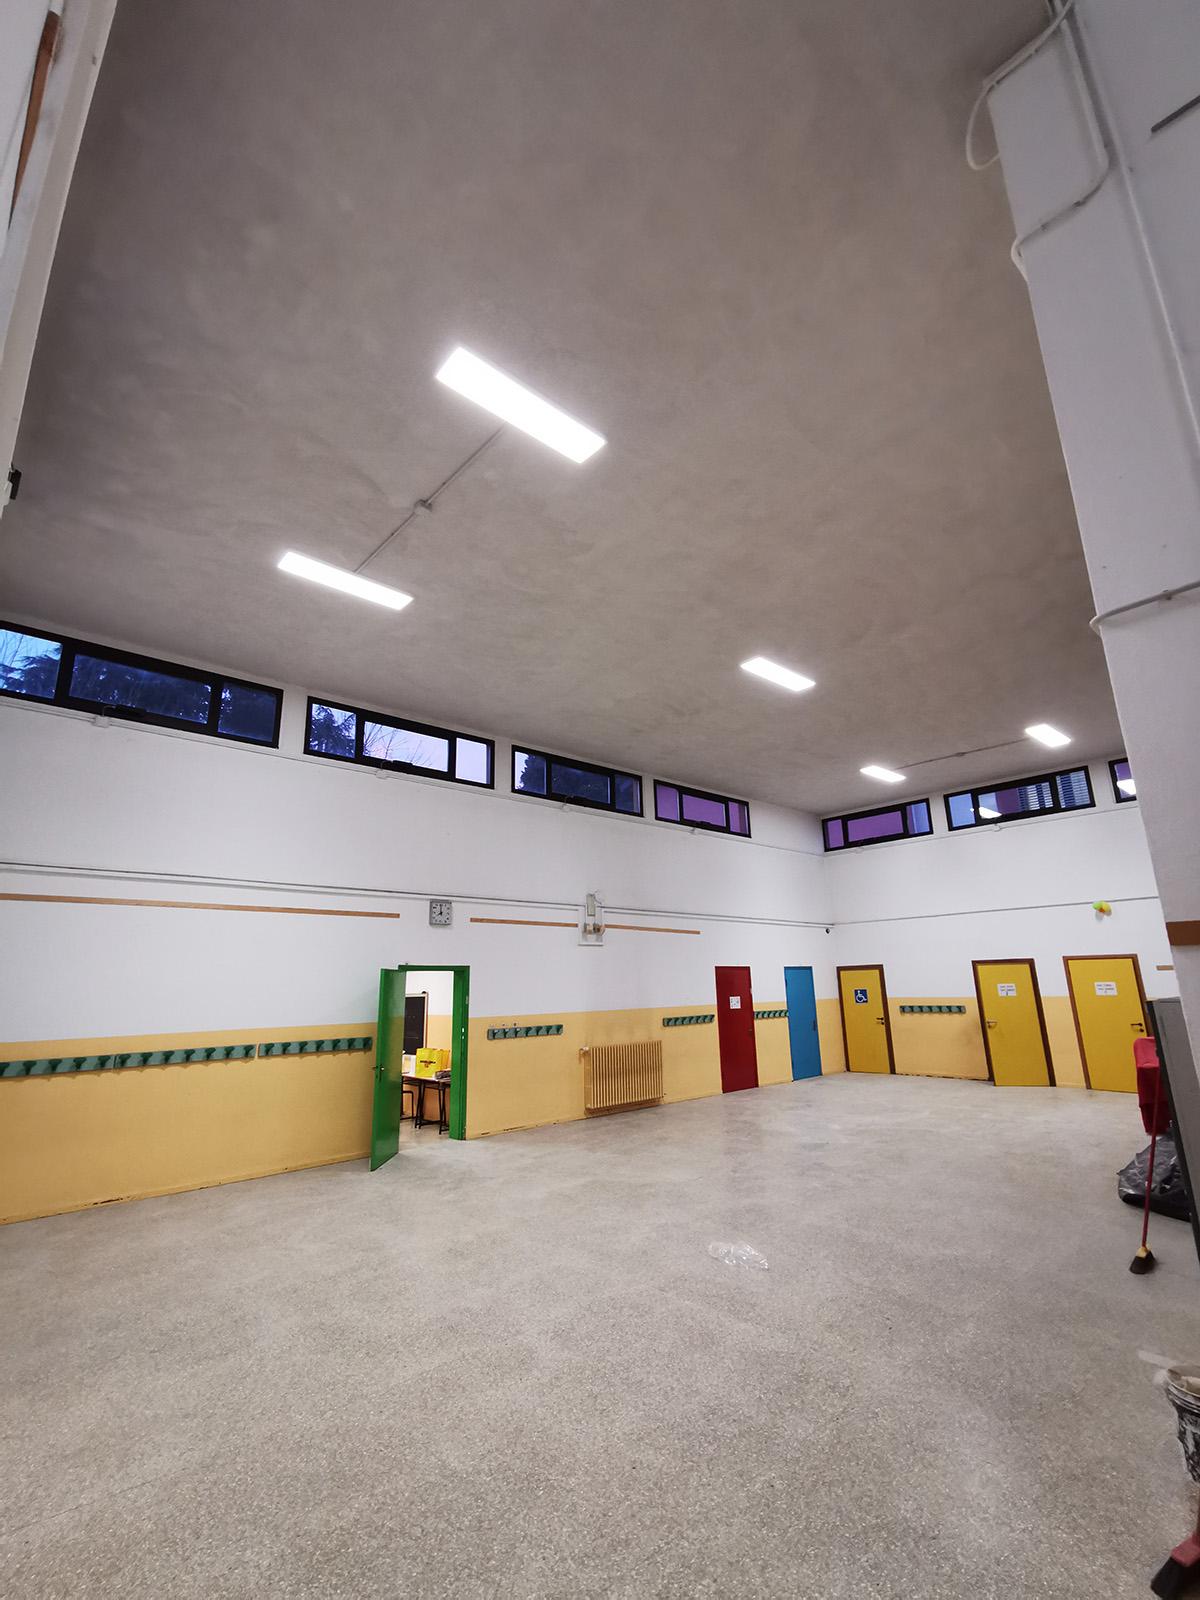 Perico-Renato-Mozzo (BG) - Scuola comunale - Antisfondellamento 15